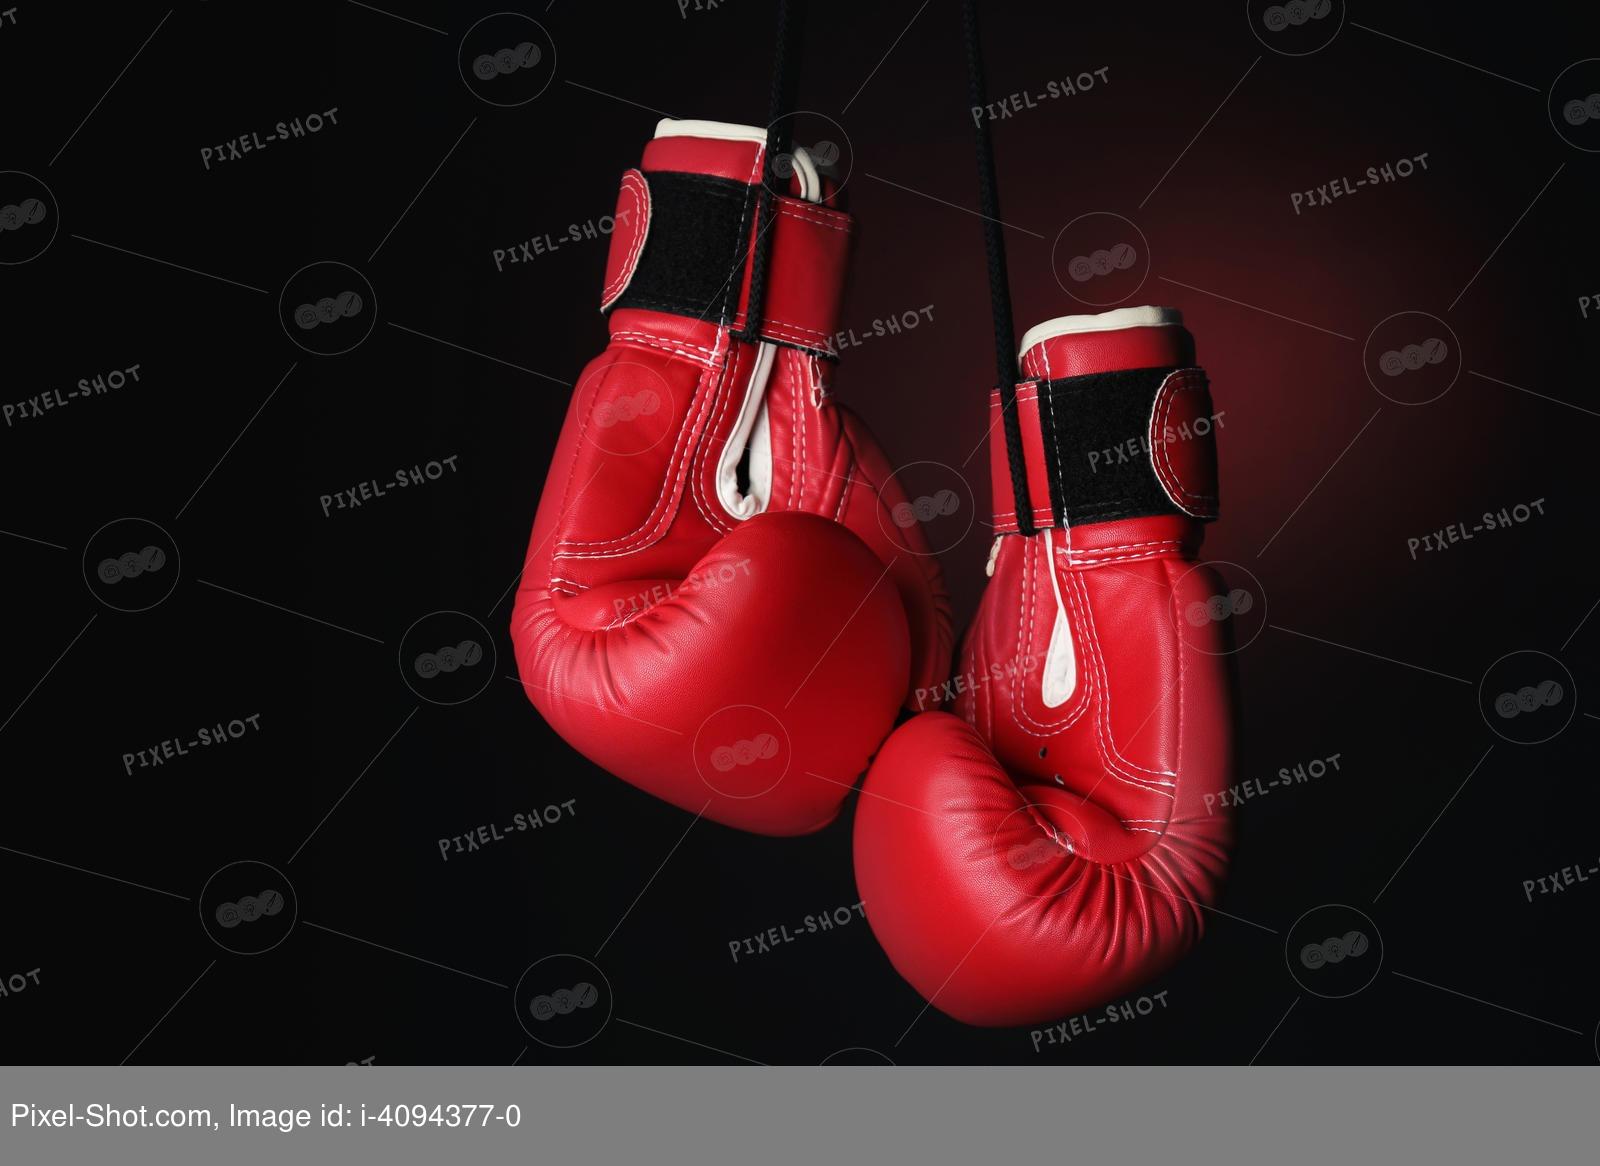 Рейтинг лучших боксерских перчаток: как правильно выбрать для тренировок